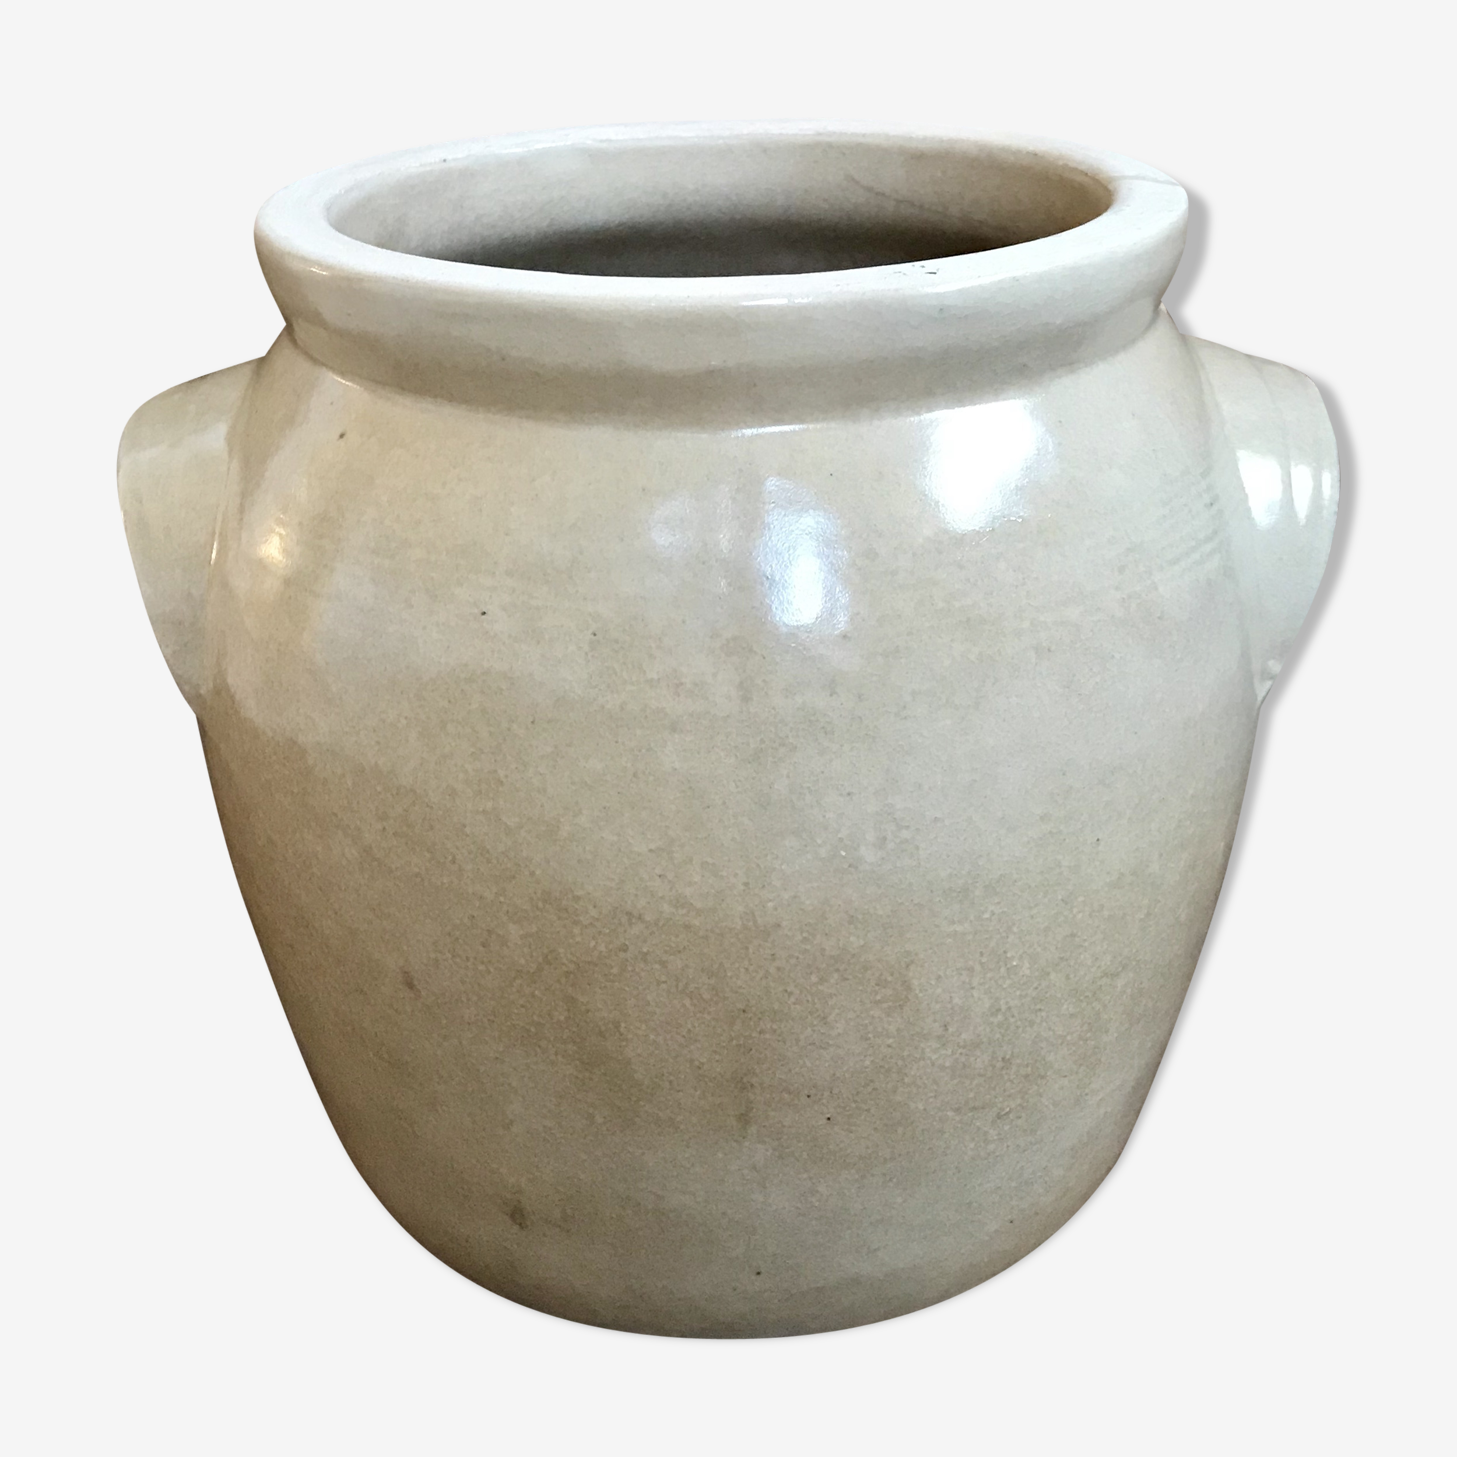 Enamelled stoneware